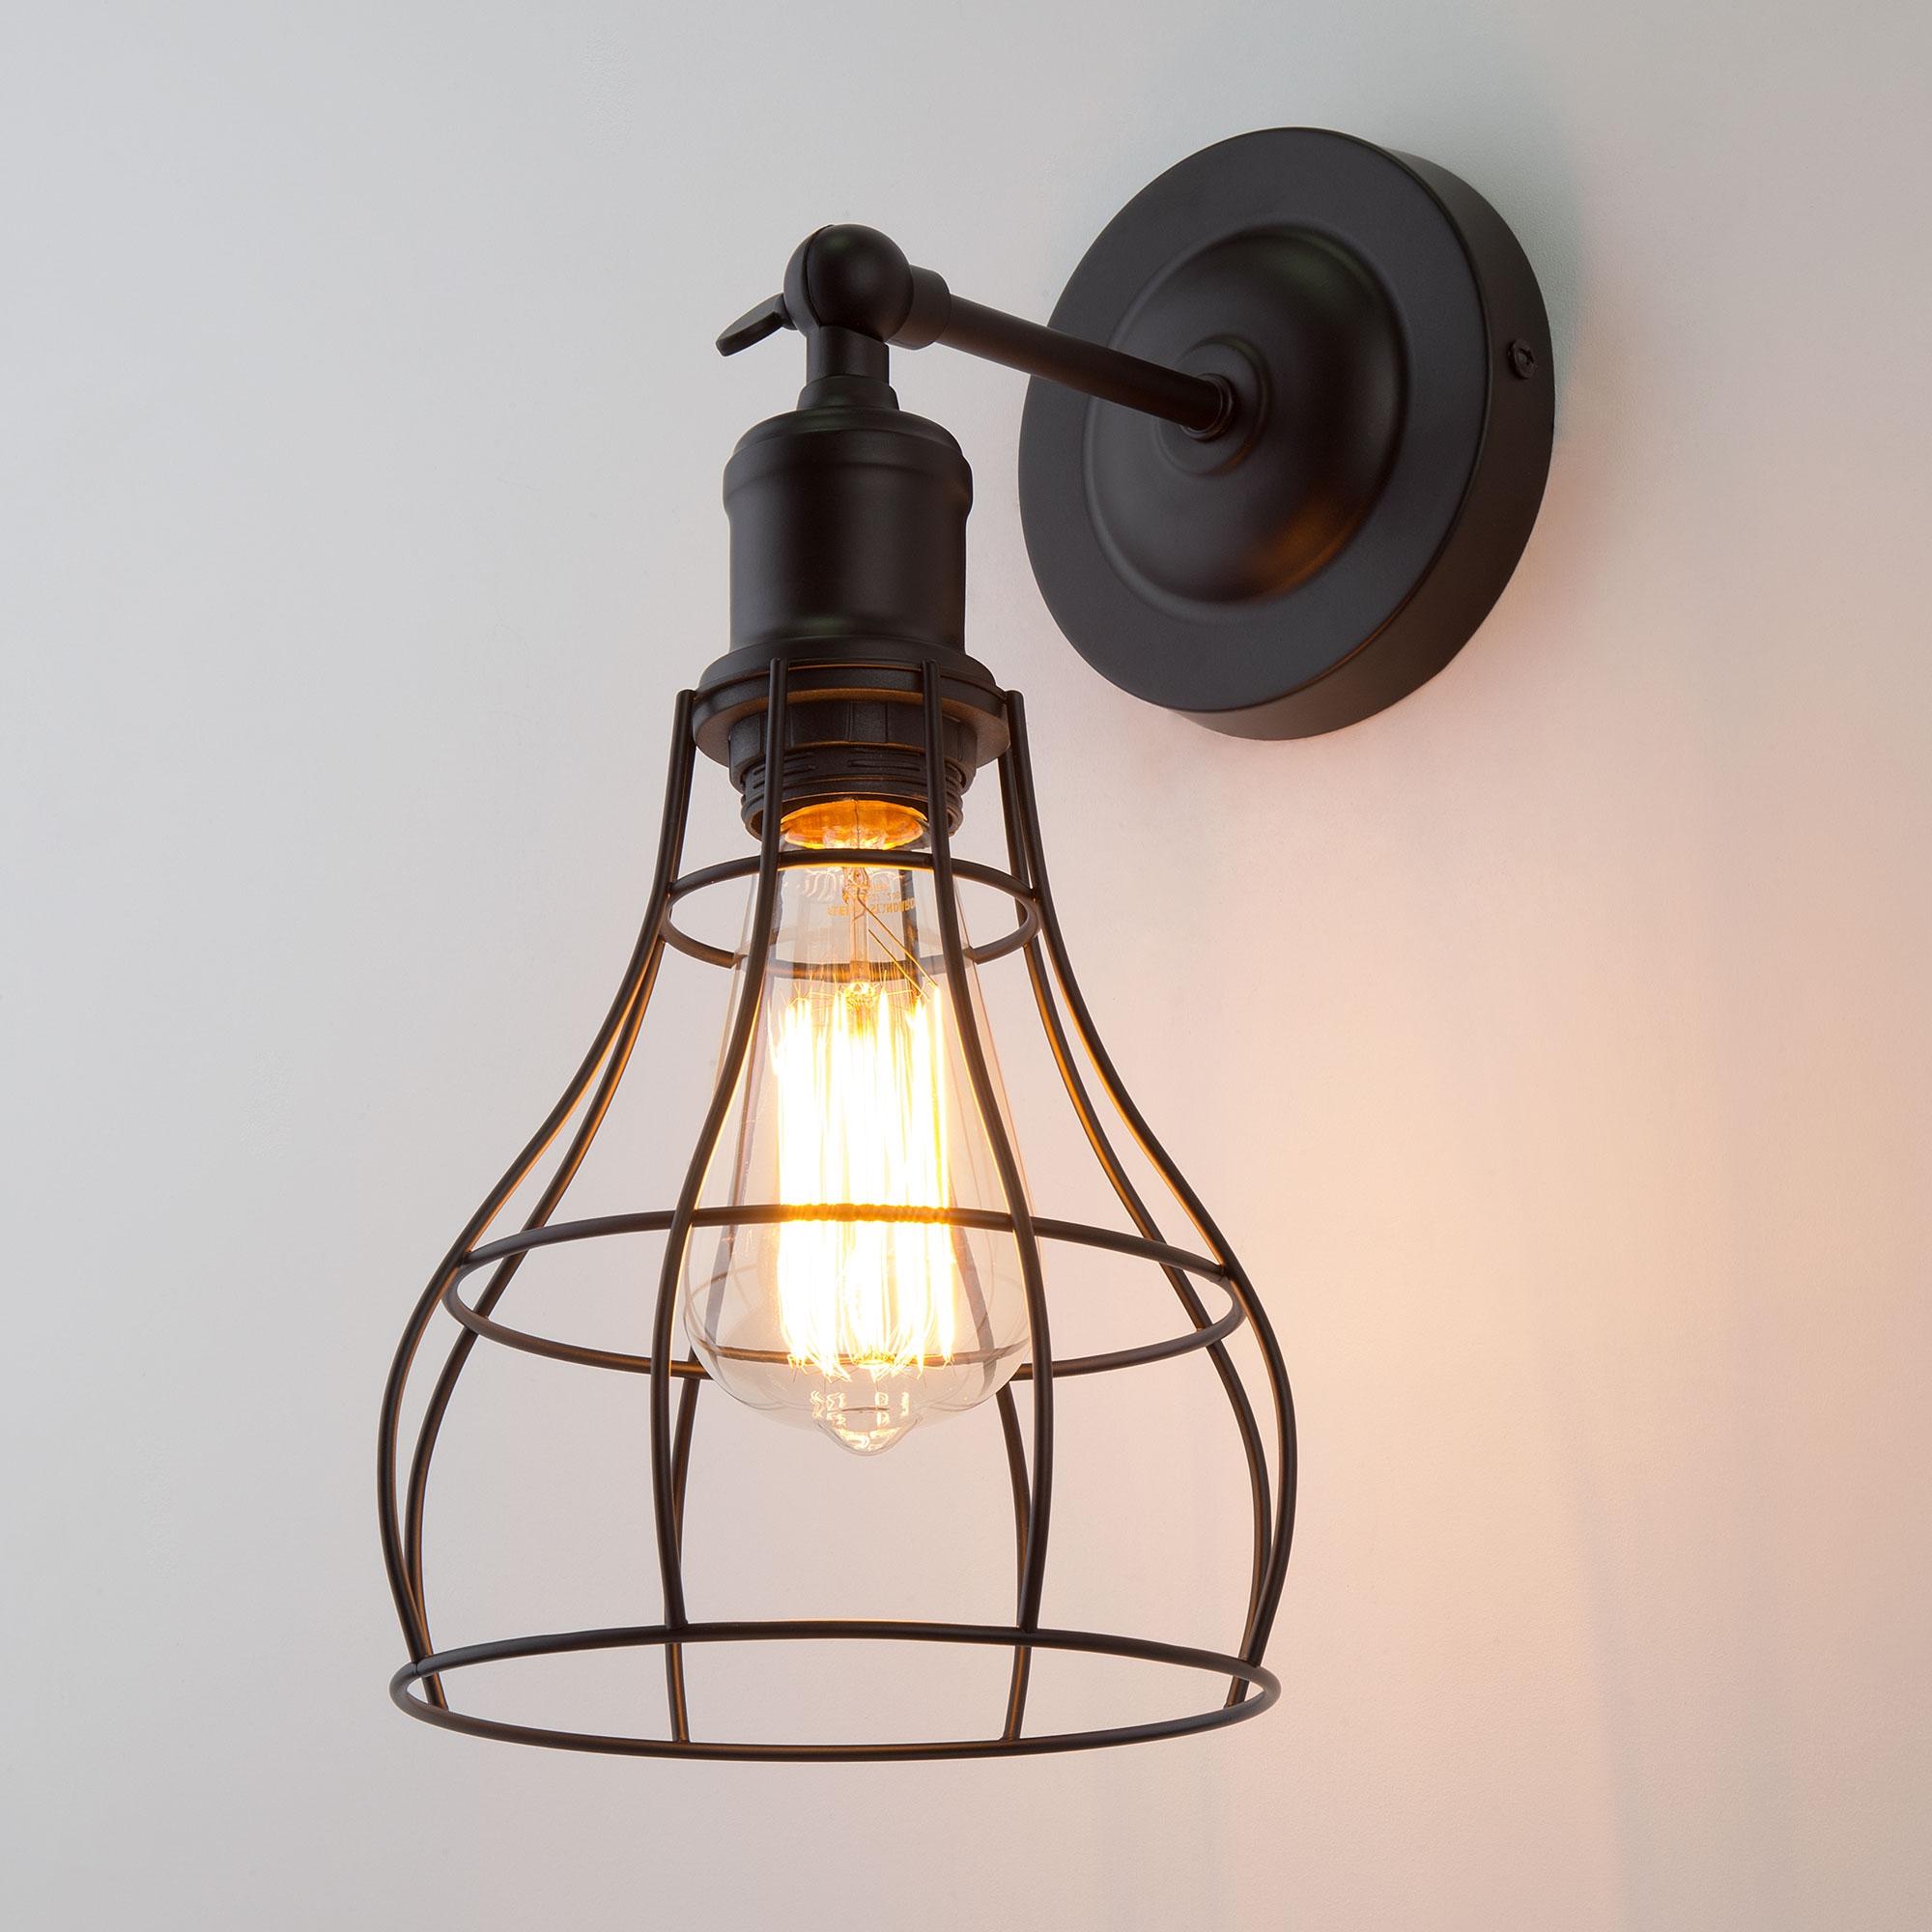 Настенный светильник  50062/1 черный ЕВРОСВЕТ ЕВРОСВЕТ